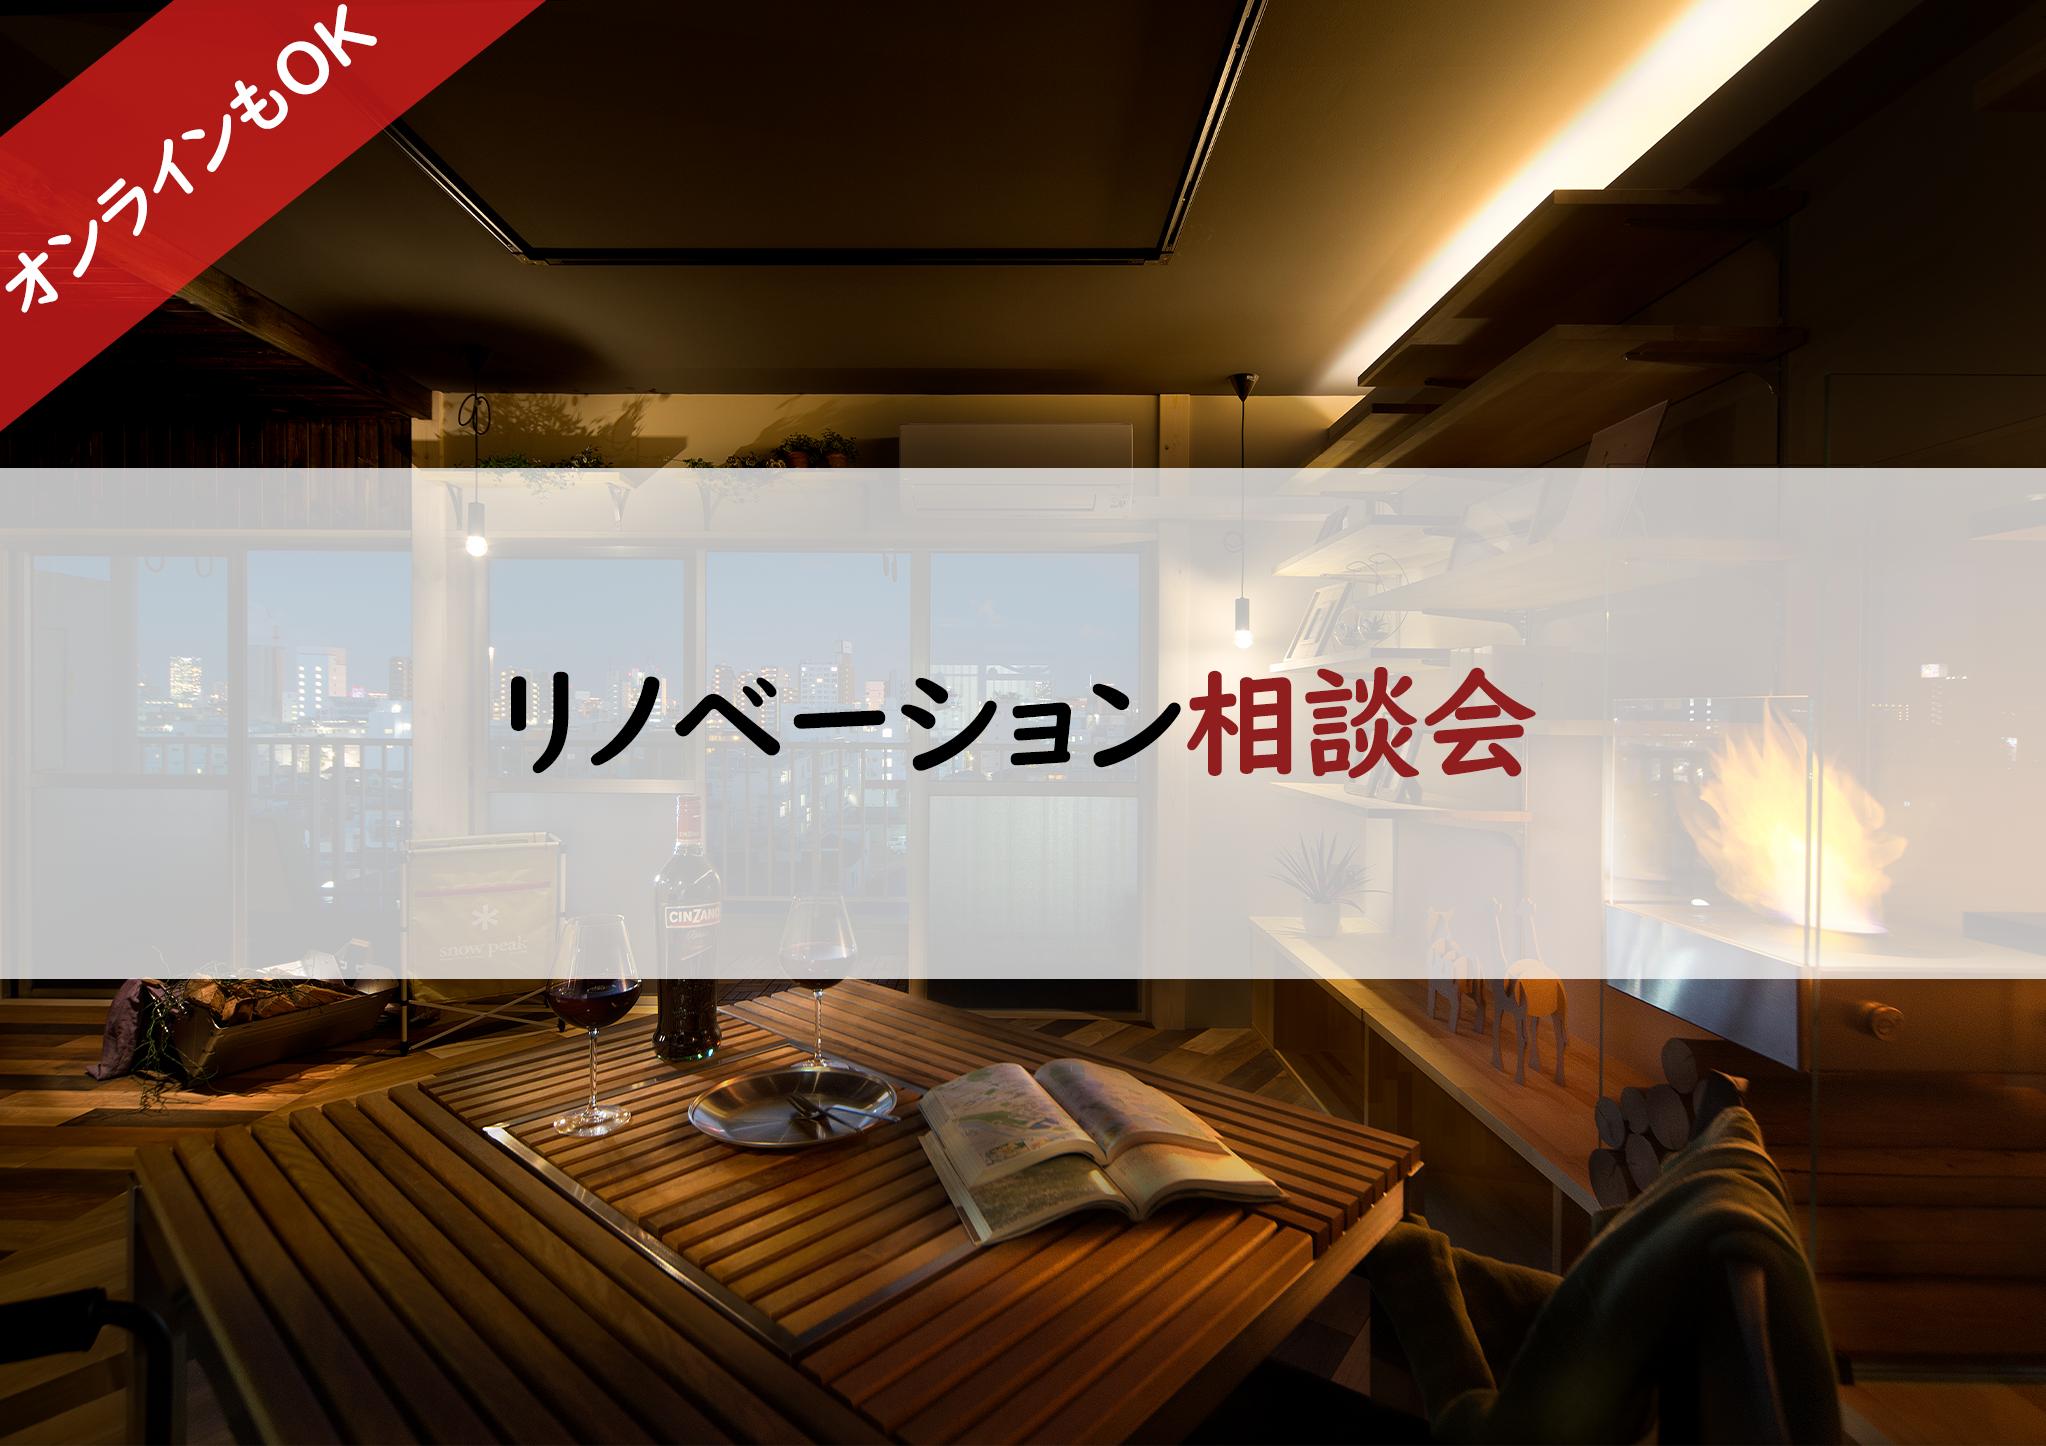 【オンライン対応可能】リノベーション相談会